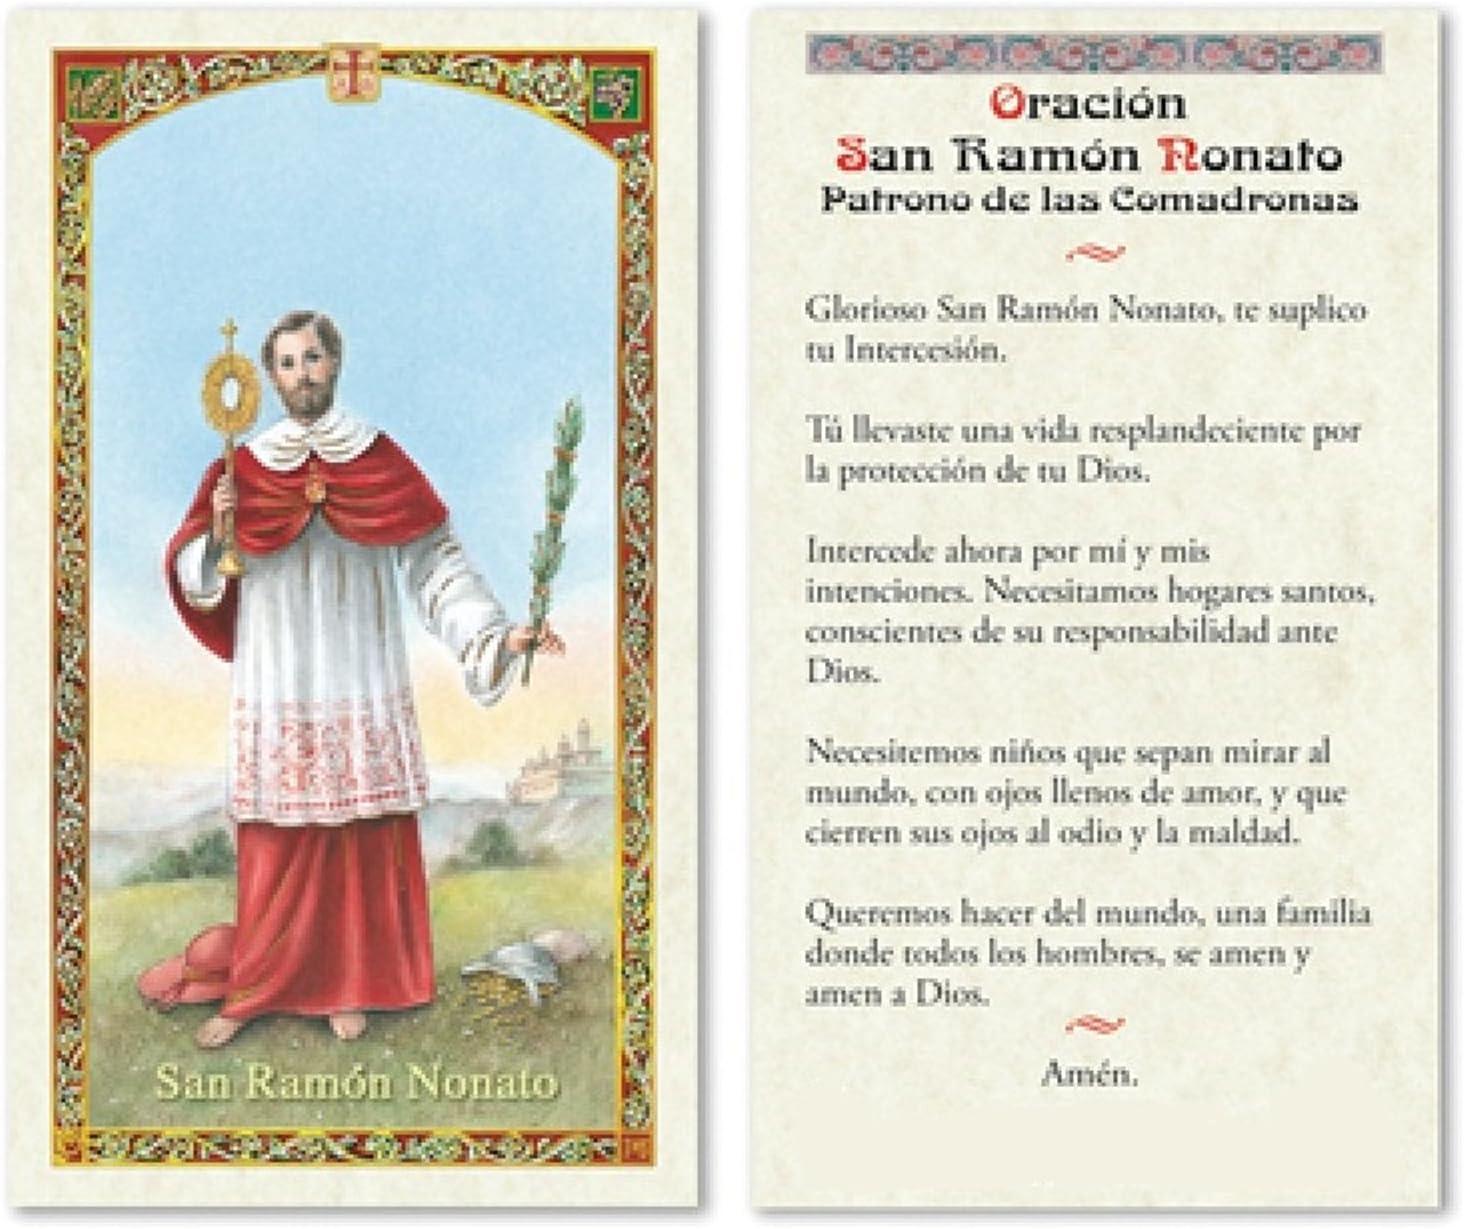 Amazon.com: Oracion a San Ramón Nonato Patron de las ...